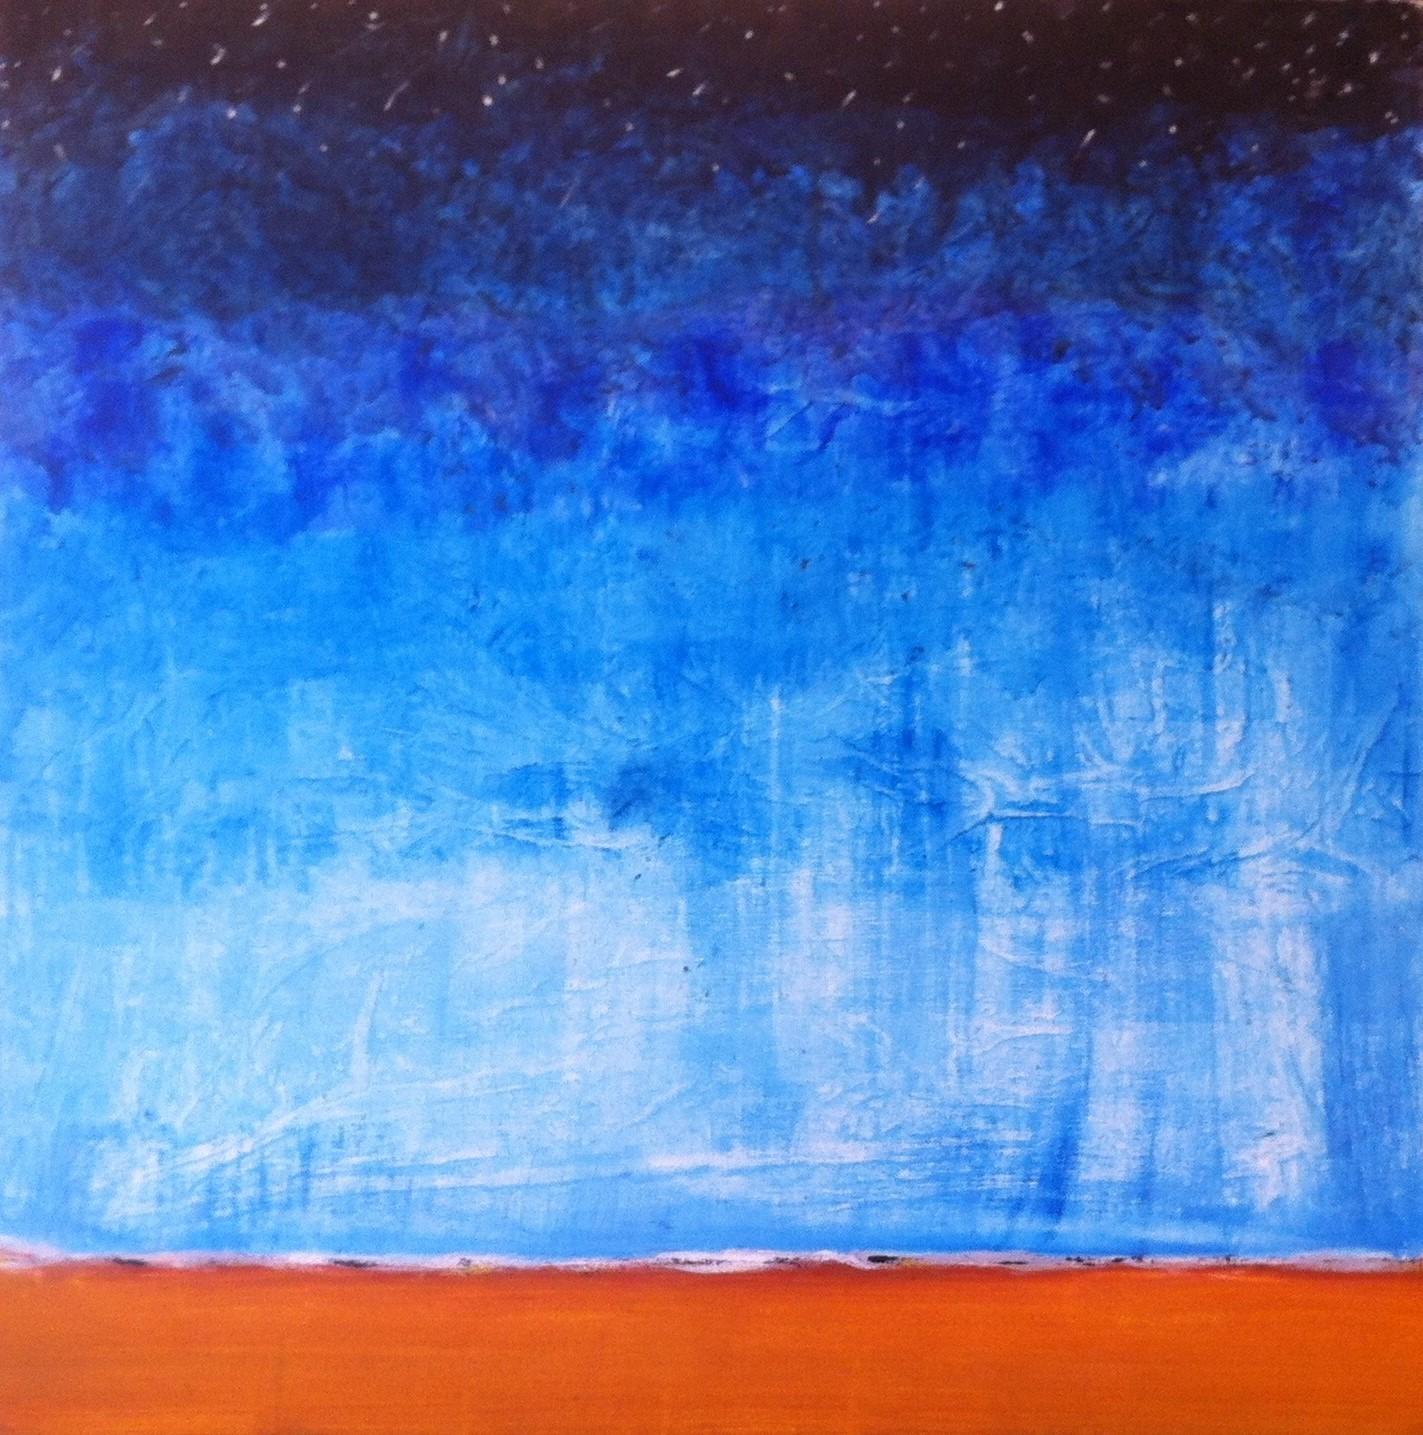 N°1285 - De la terre à la lune - Acrylique sur toile - 90 x 90 cm - 19 mars 2014